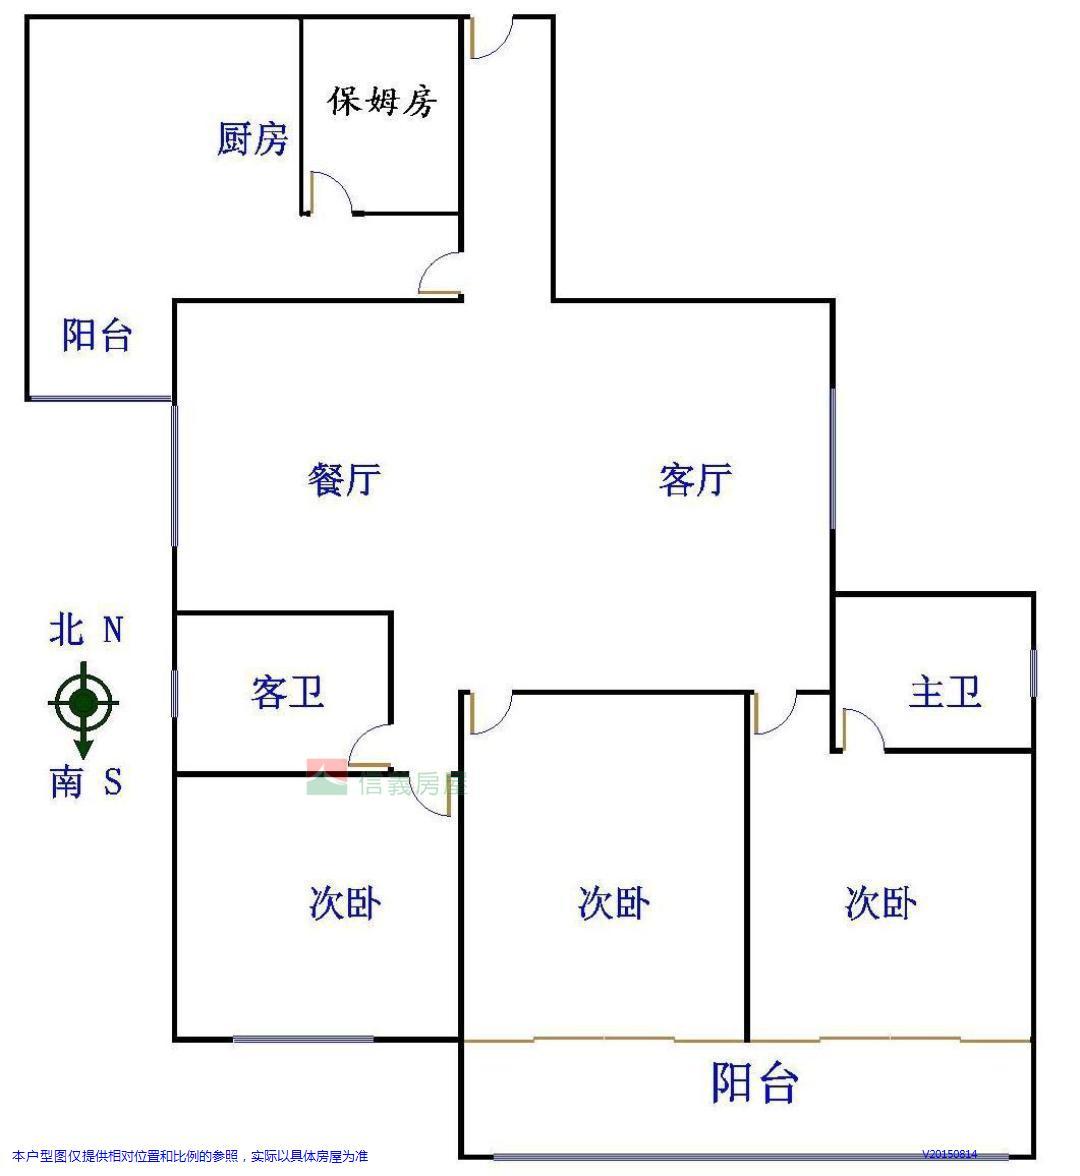 信义真房-永新花苑最好的户型 三房朝南厅东西通 台湾